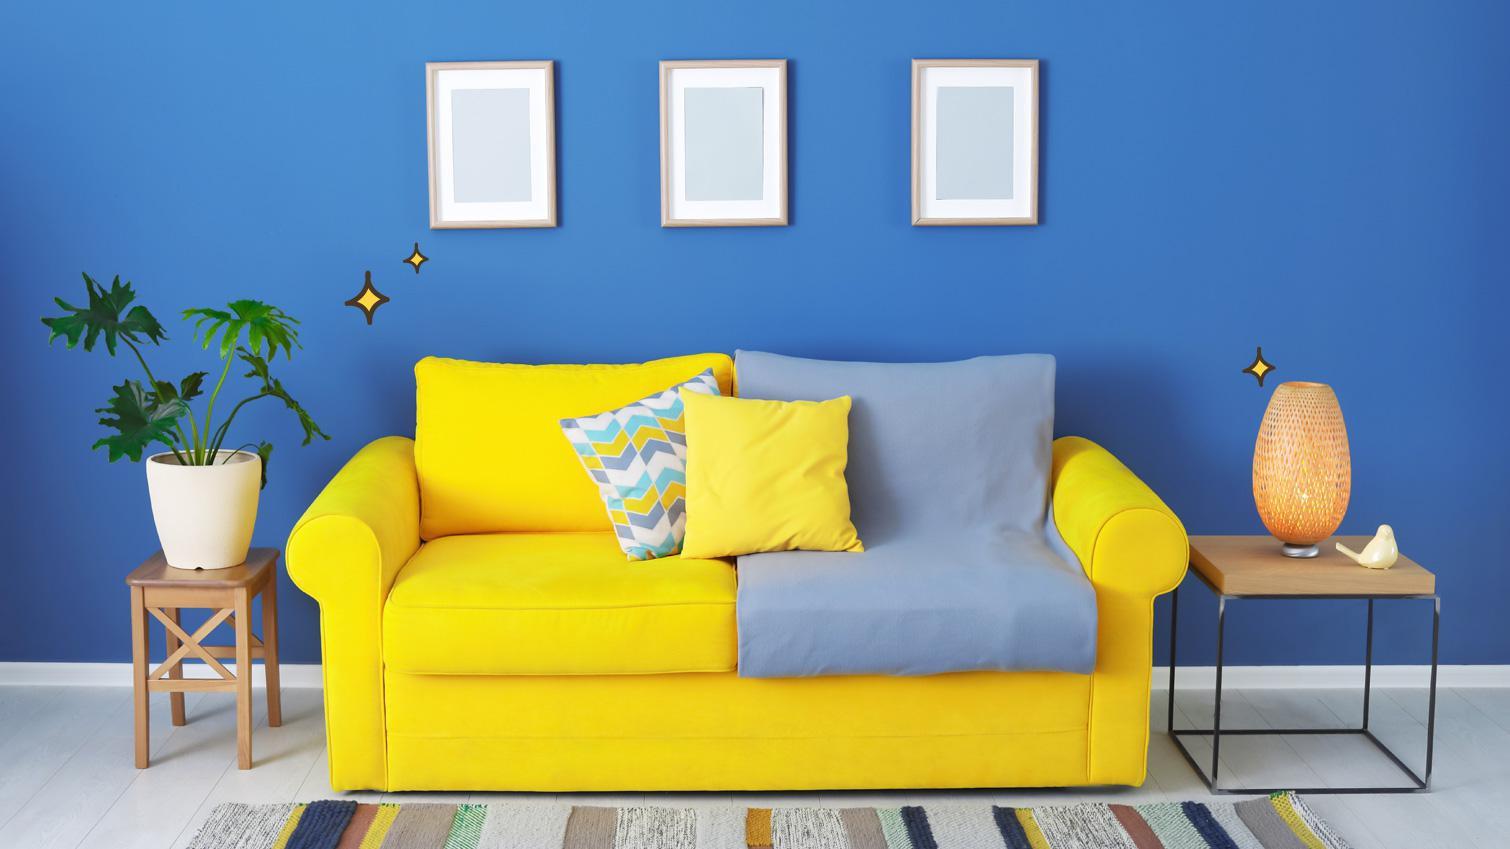 Lebaran Sebentar Lagi Percantik Rumah Dengan 5 Warna Cat Ini